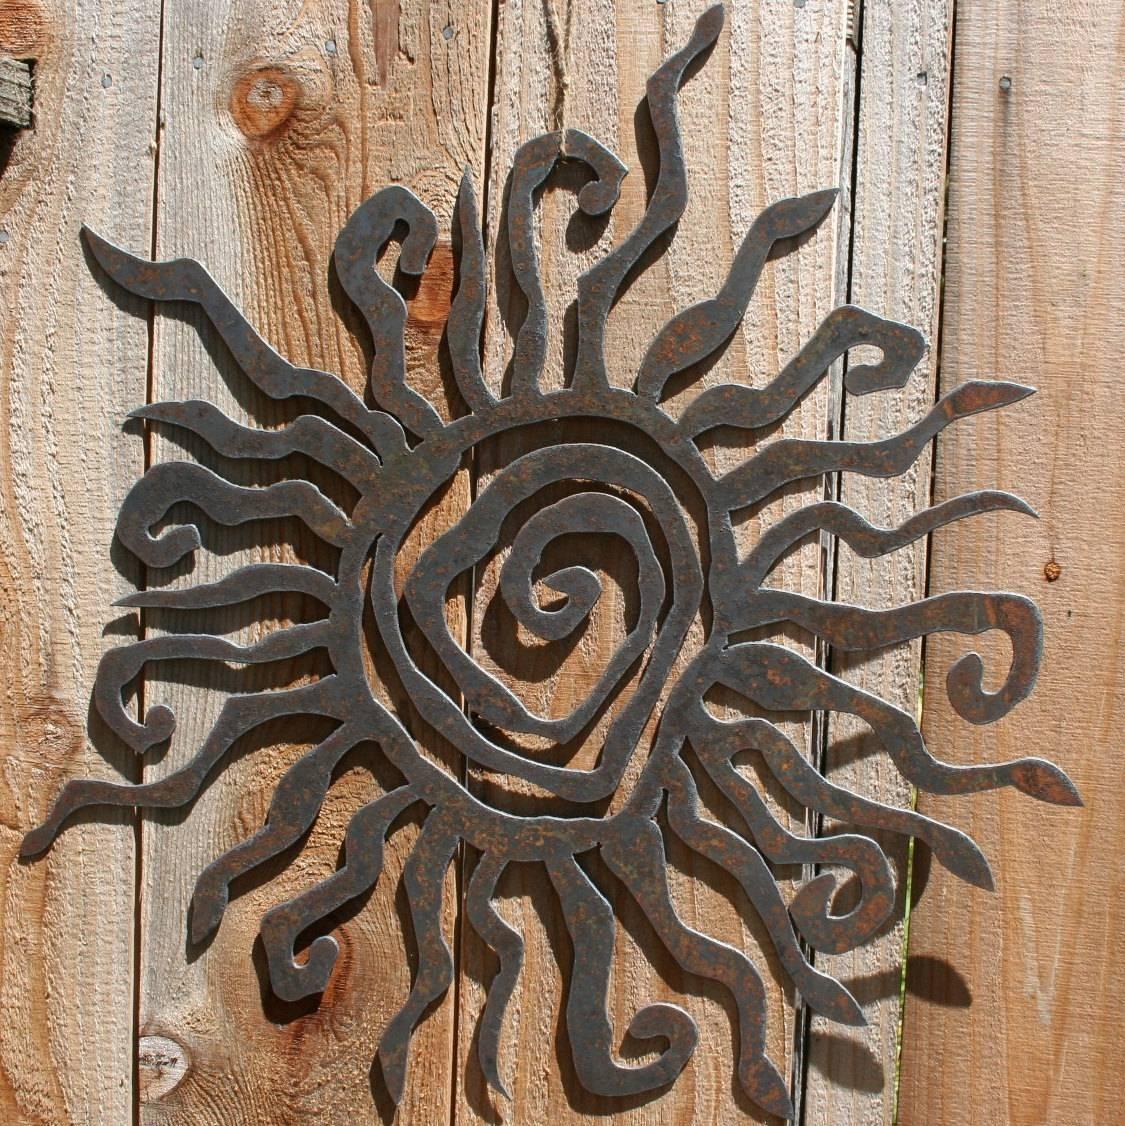 Rustic Sun Indoor/outdoor Wall Decor 30 Recycled Steel In Recent Decorative Outdoor Metal Wall Art (Gallery 1 of 20)